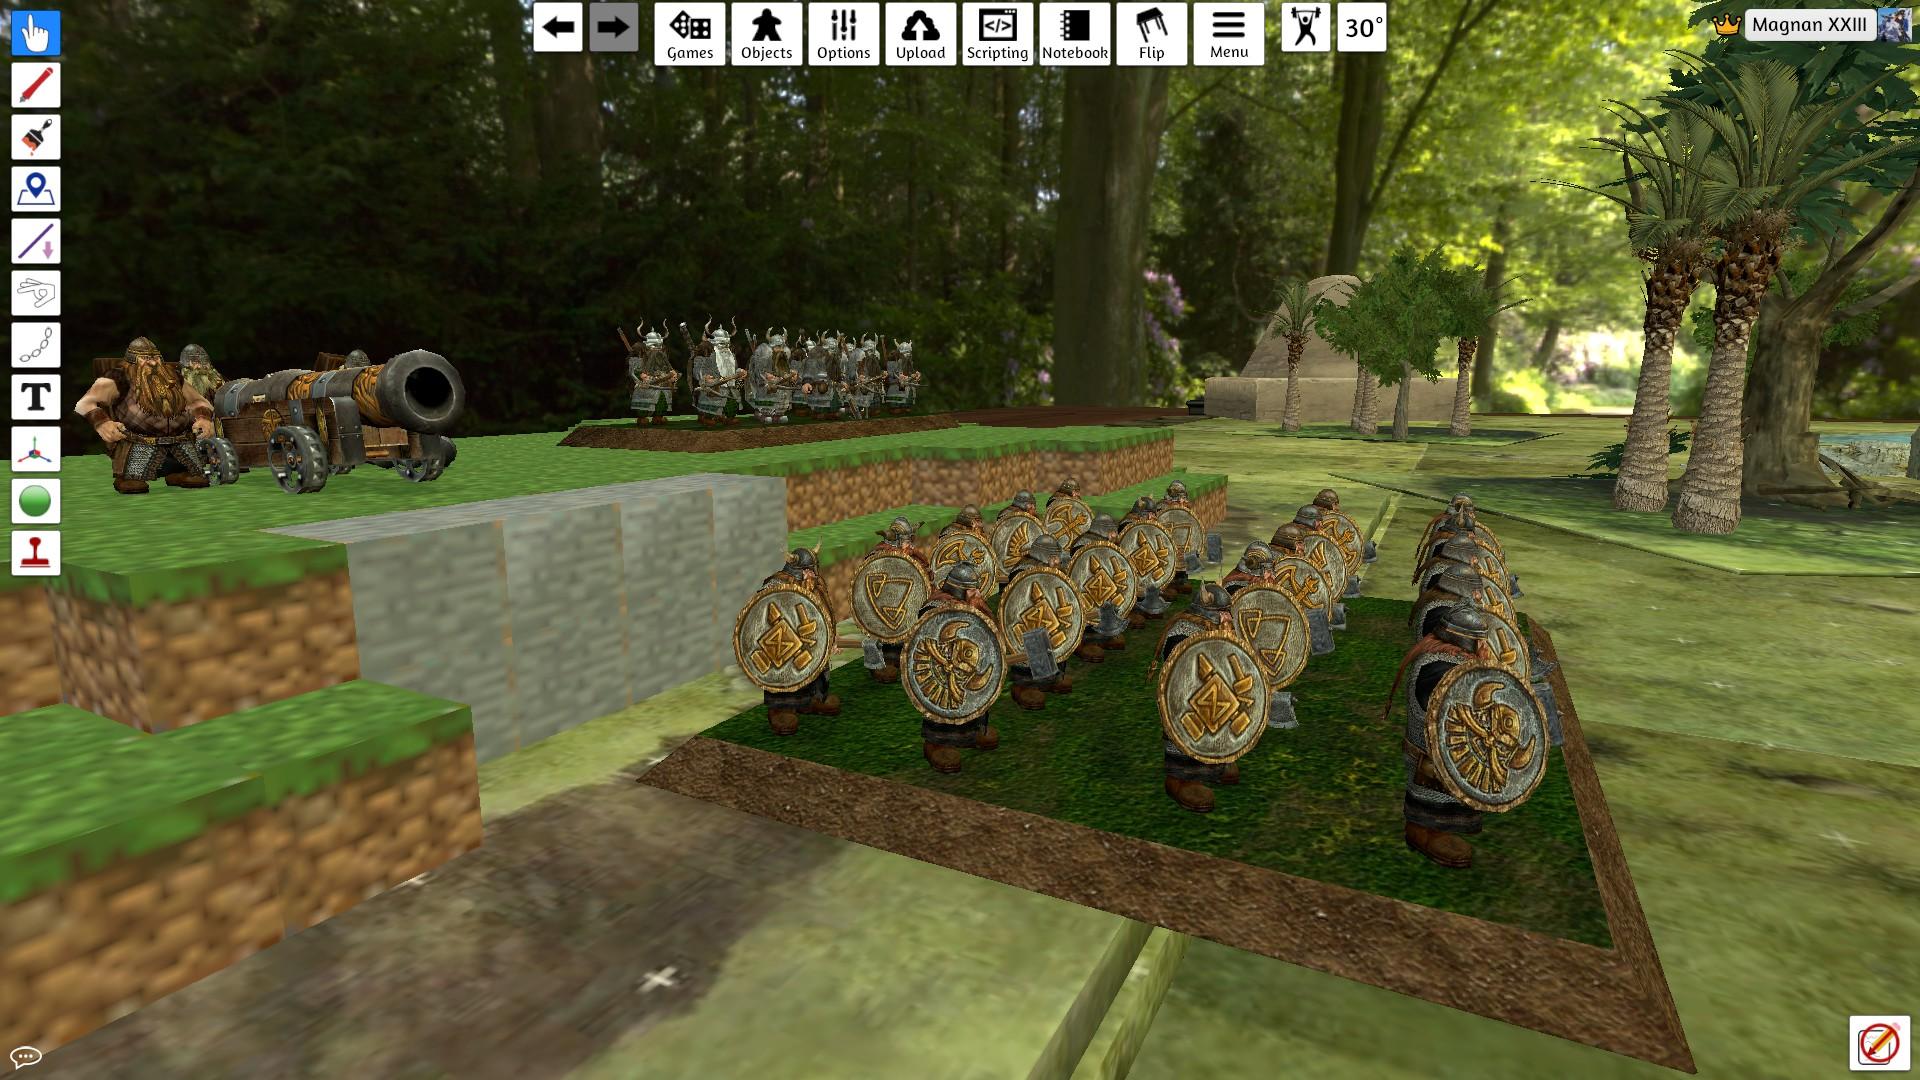 Tabletop Simulator : Jouez au fig devant votre pc A366DFFC0A8D3960CBD4FAA72C5DE17CF9EF570C